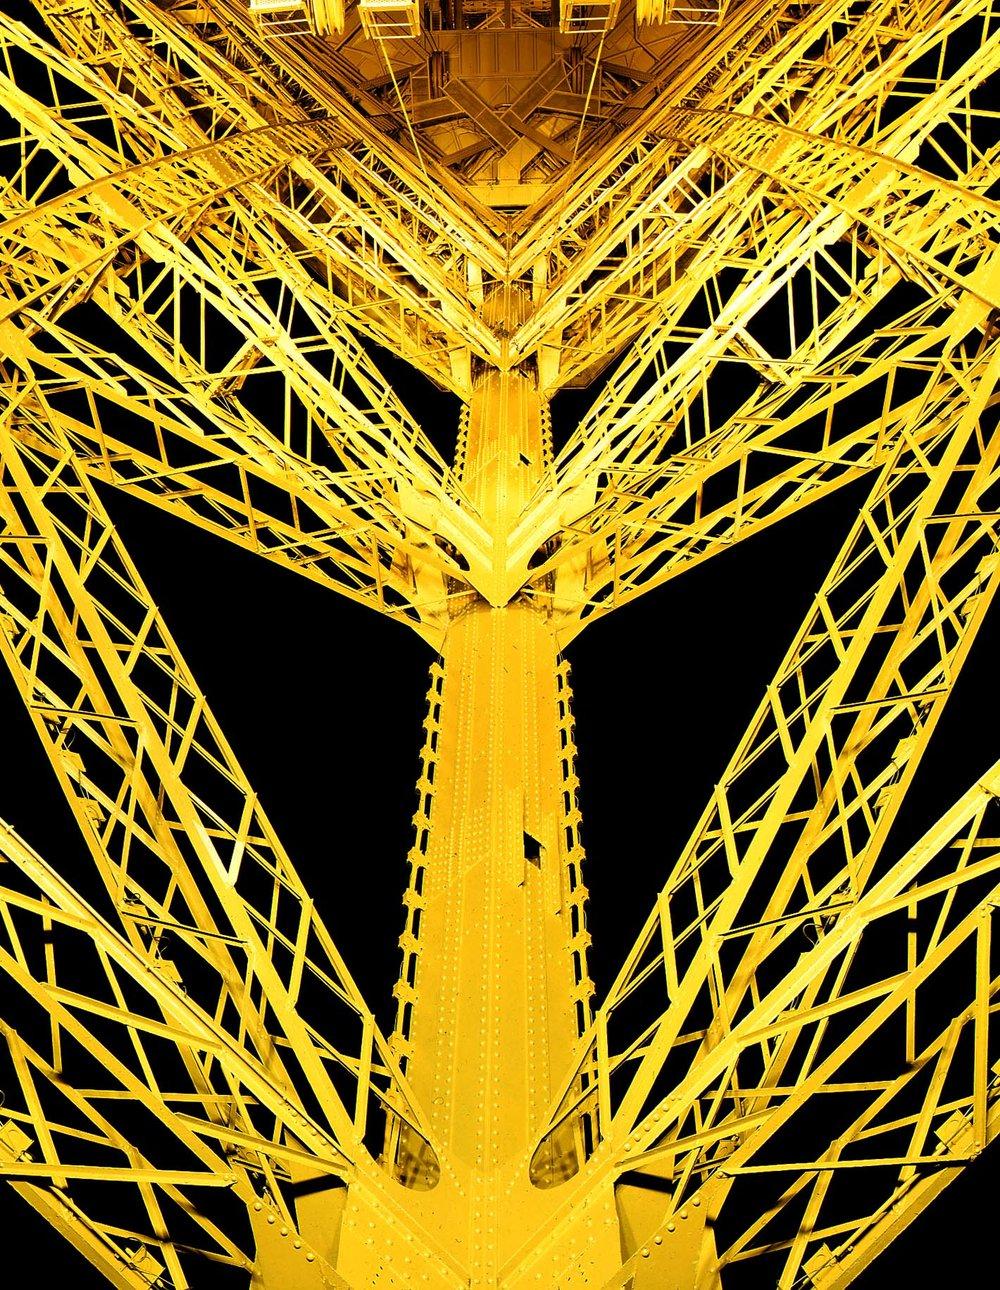 Tour Eiffel VII - Paris (2002)